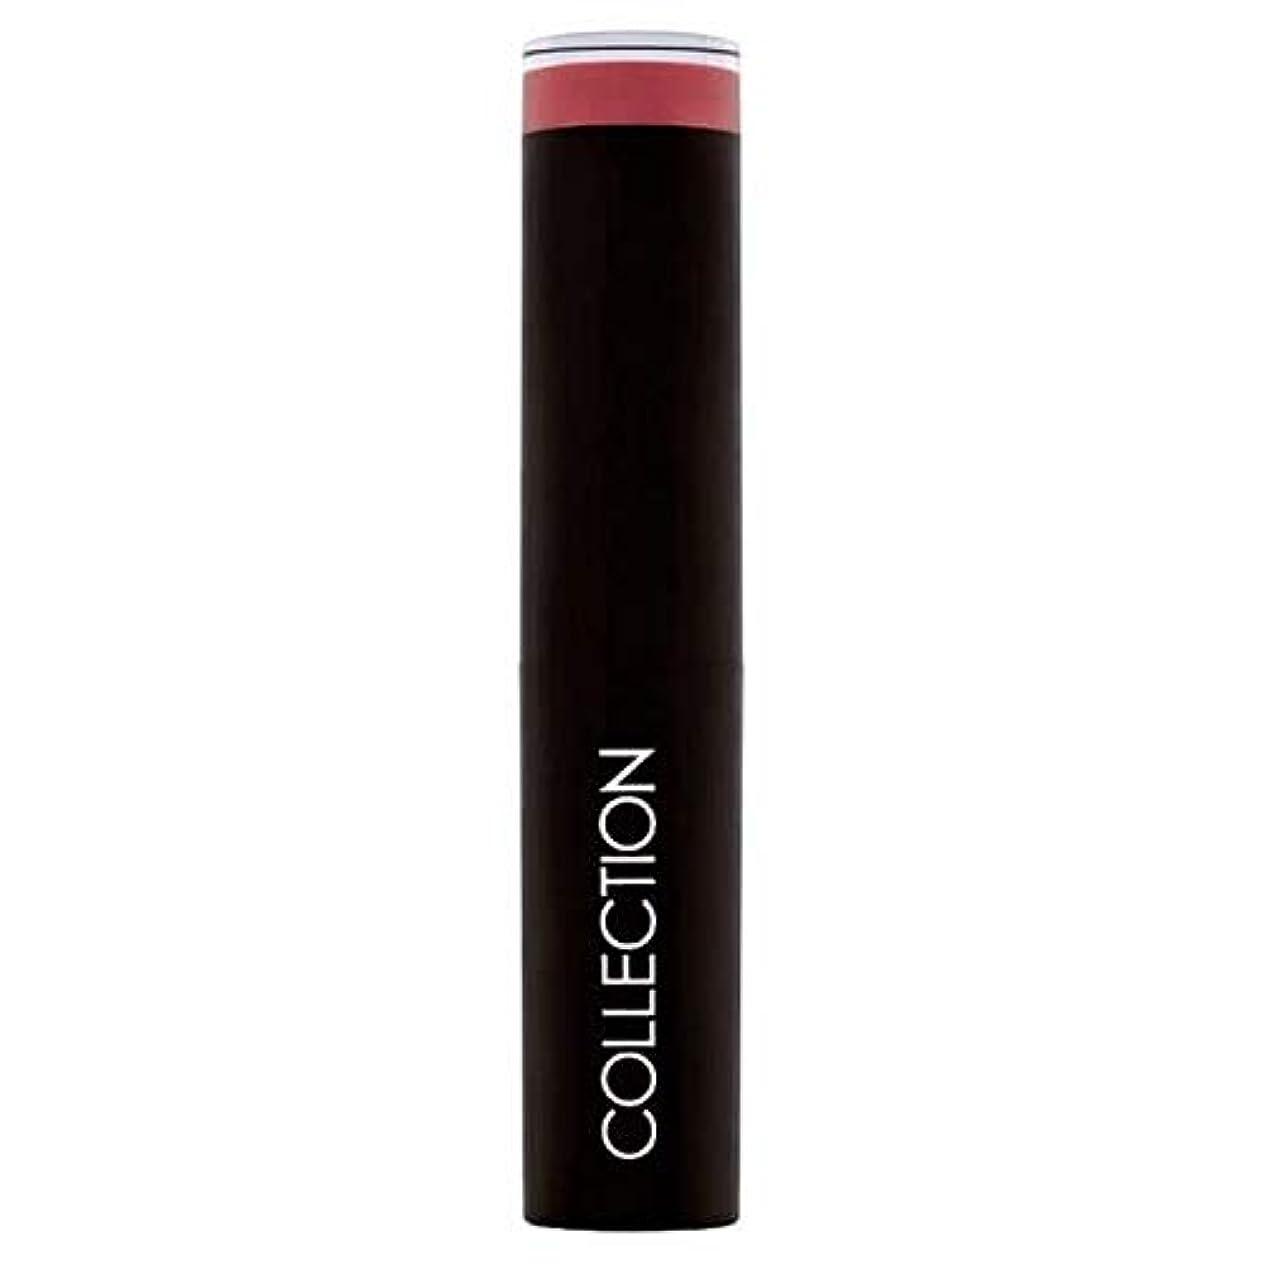 追うにじみ出る委員会[Collection ] コレクション強烈な輝きゲル口紅破砕梅3 - Collection Intense Shine Gel Lipstick Crushed Plum 3 [並行輸入品]